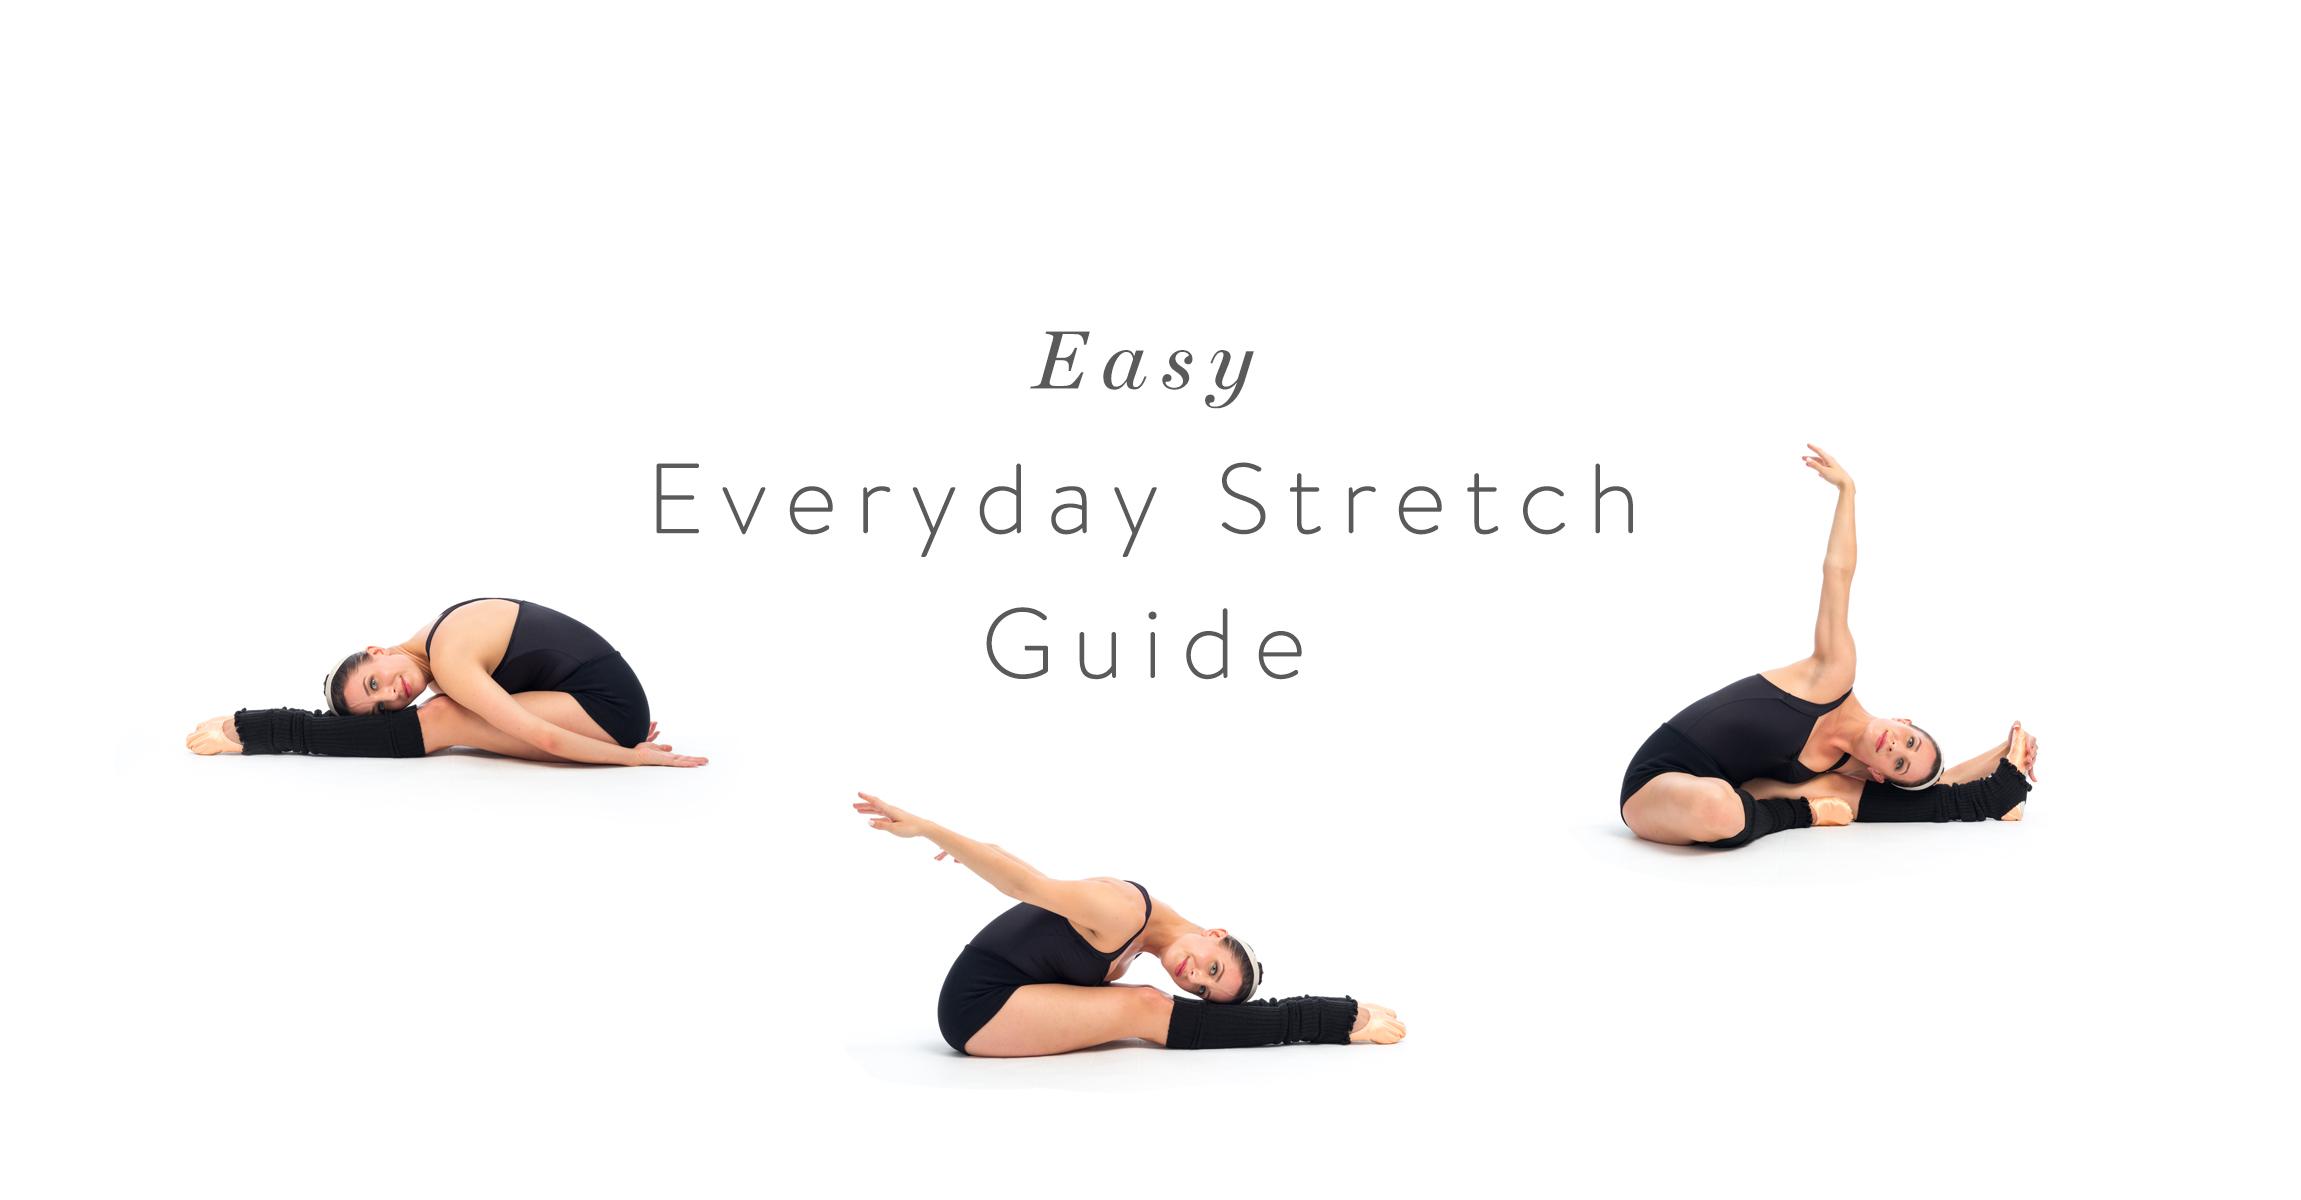 Stretch Guide